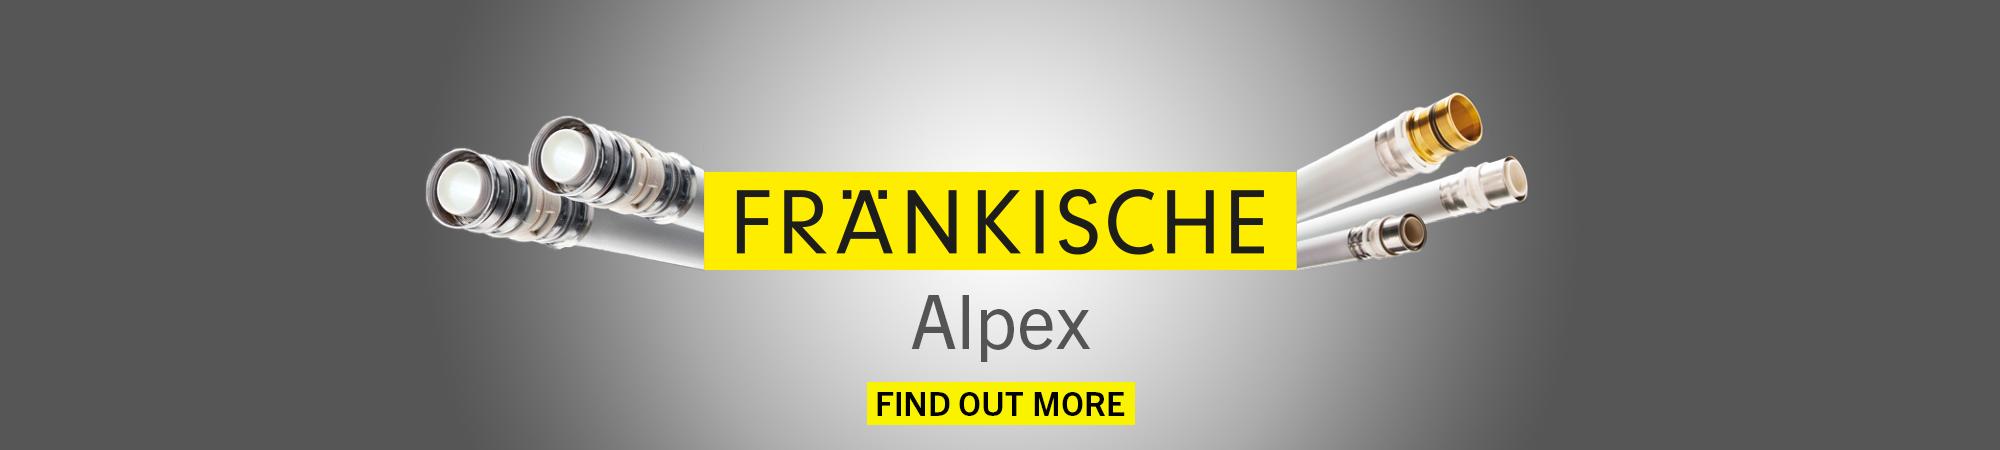 Frankische Alpex Launch